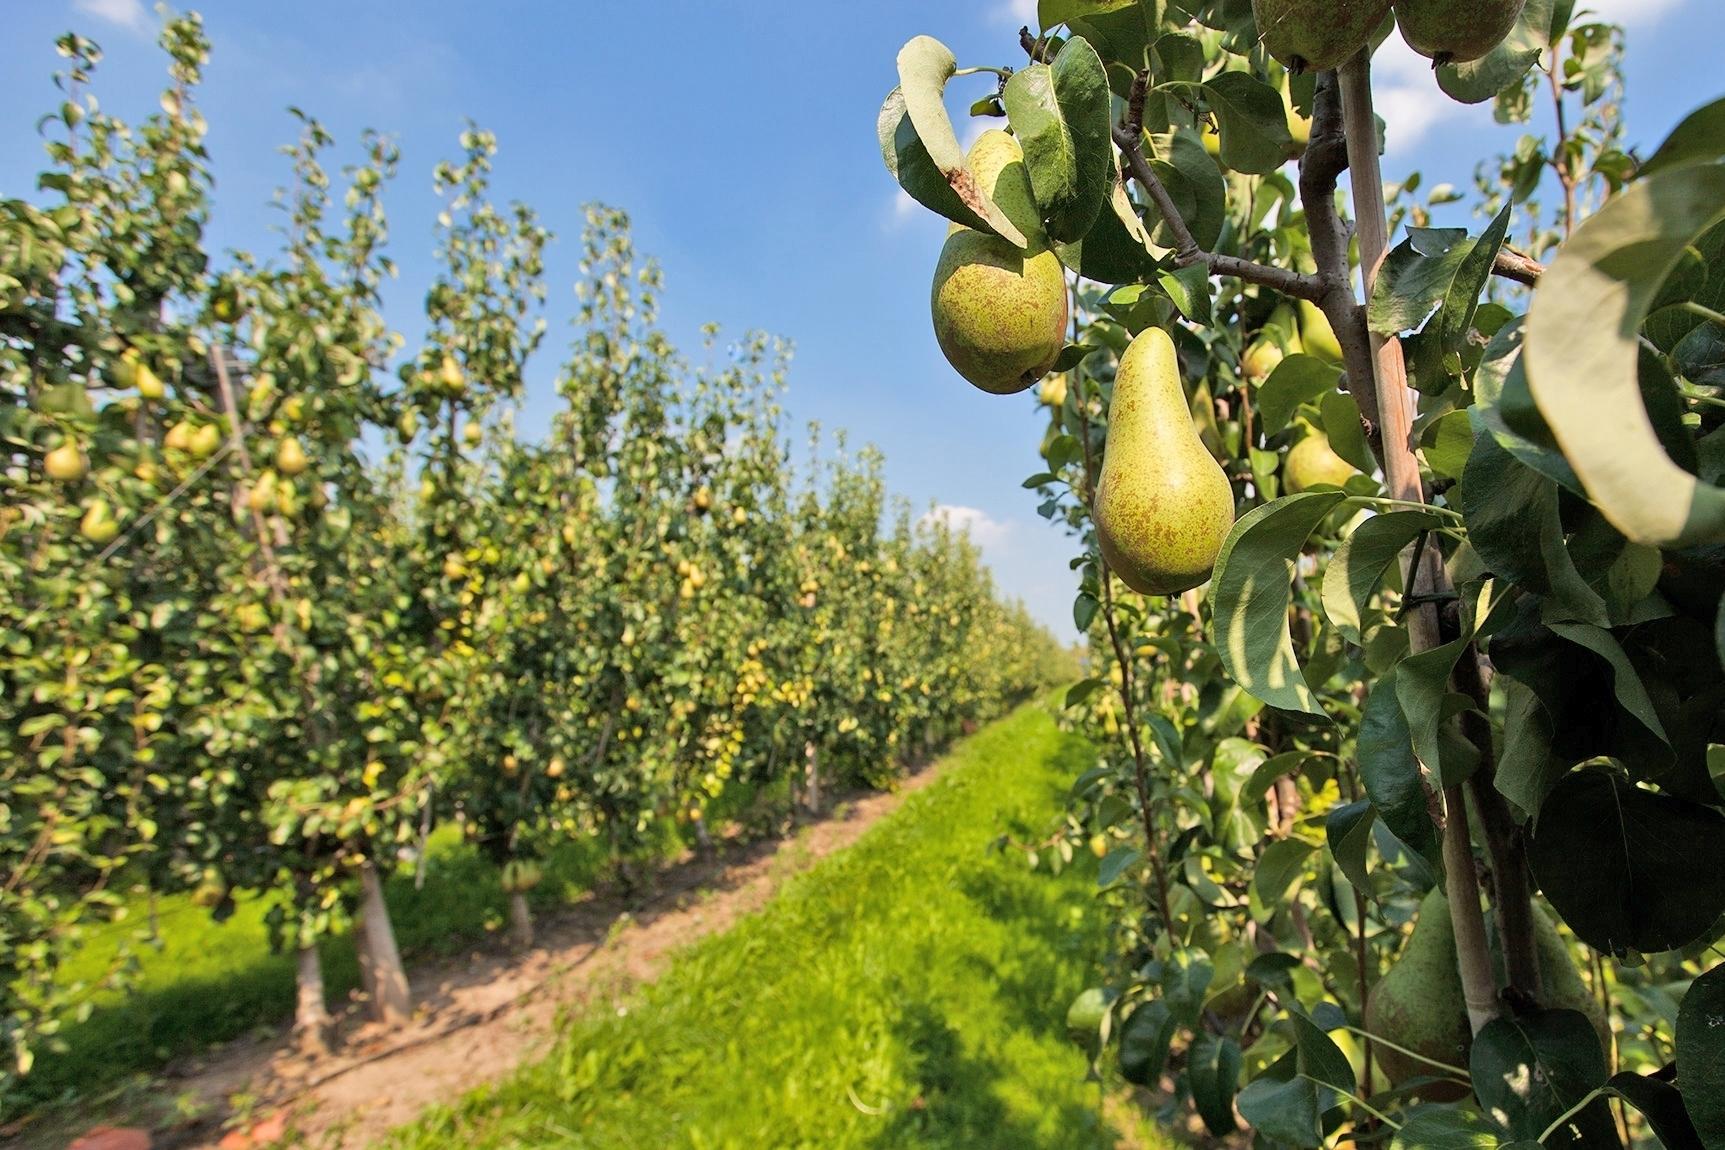 Fruit Op Kantoor : Fruitwater voor op kantoor het fruit bedrijfsfruit